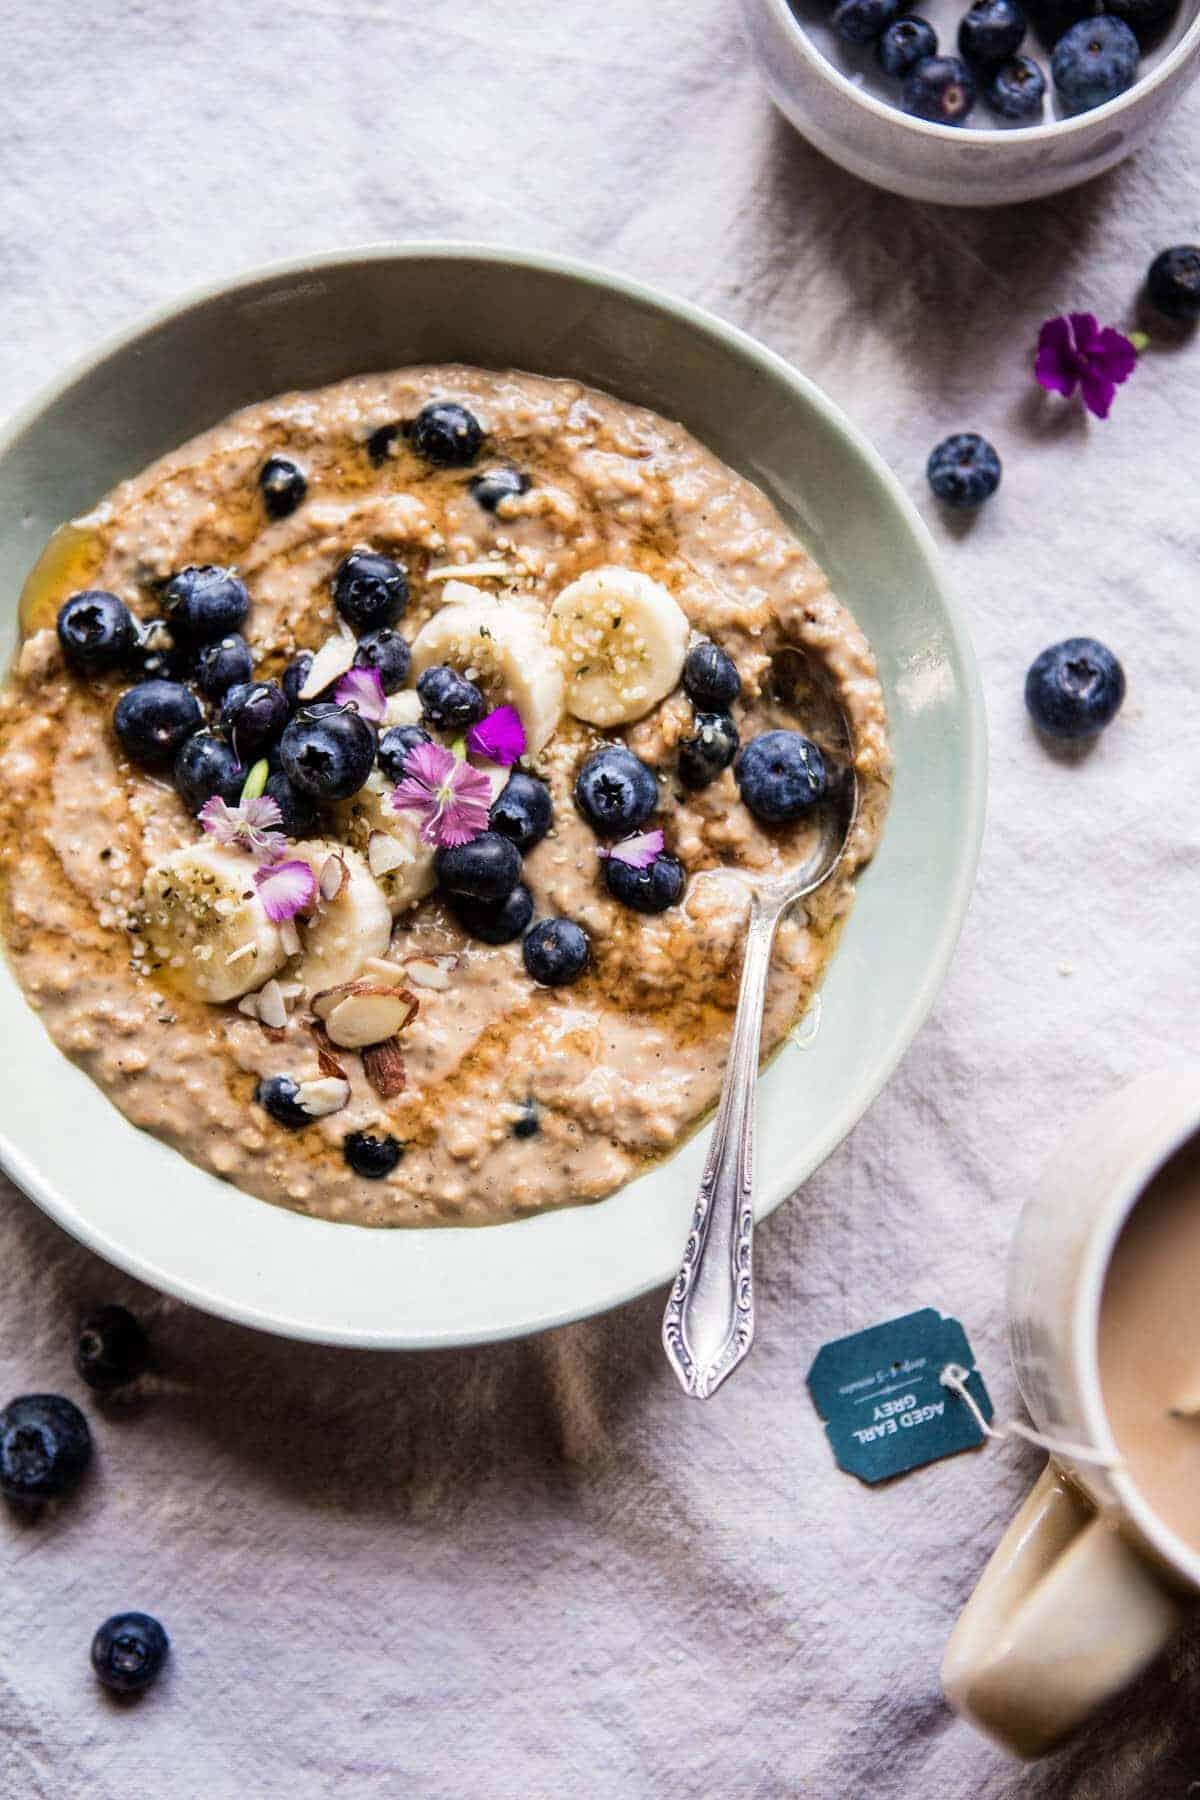 Earl Grey Blueberry Oatmeal | halfbakedharvest.com @hbharvest